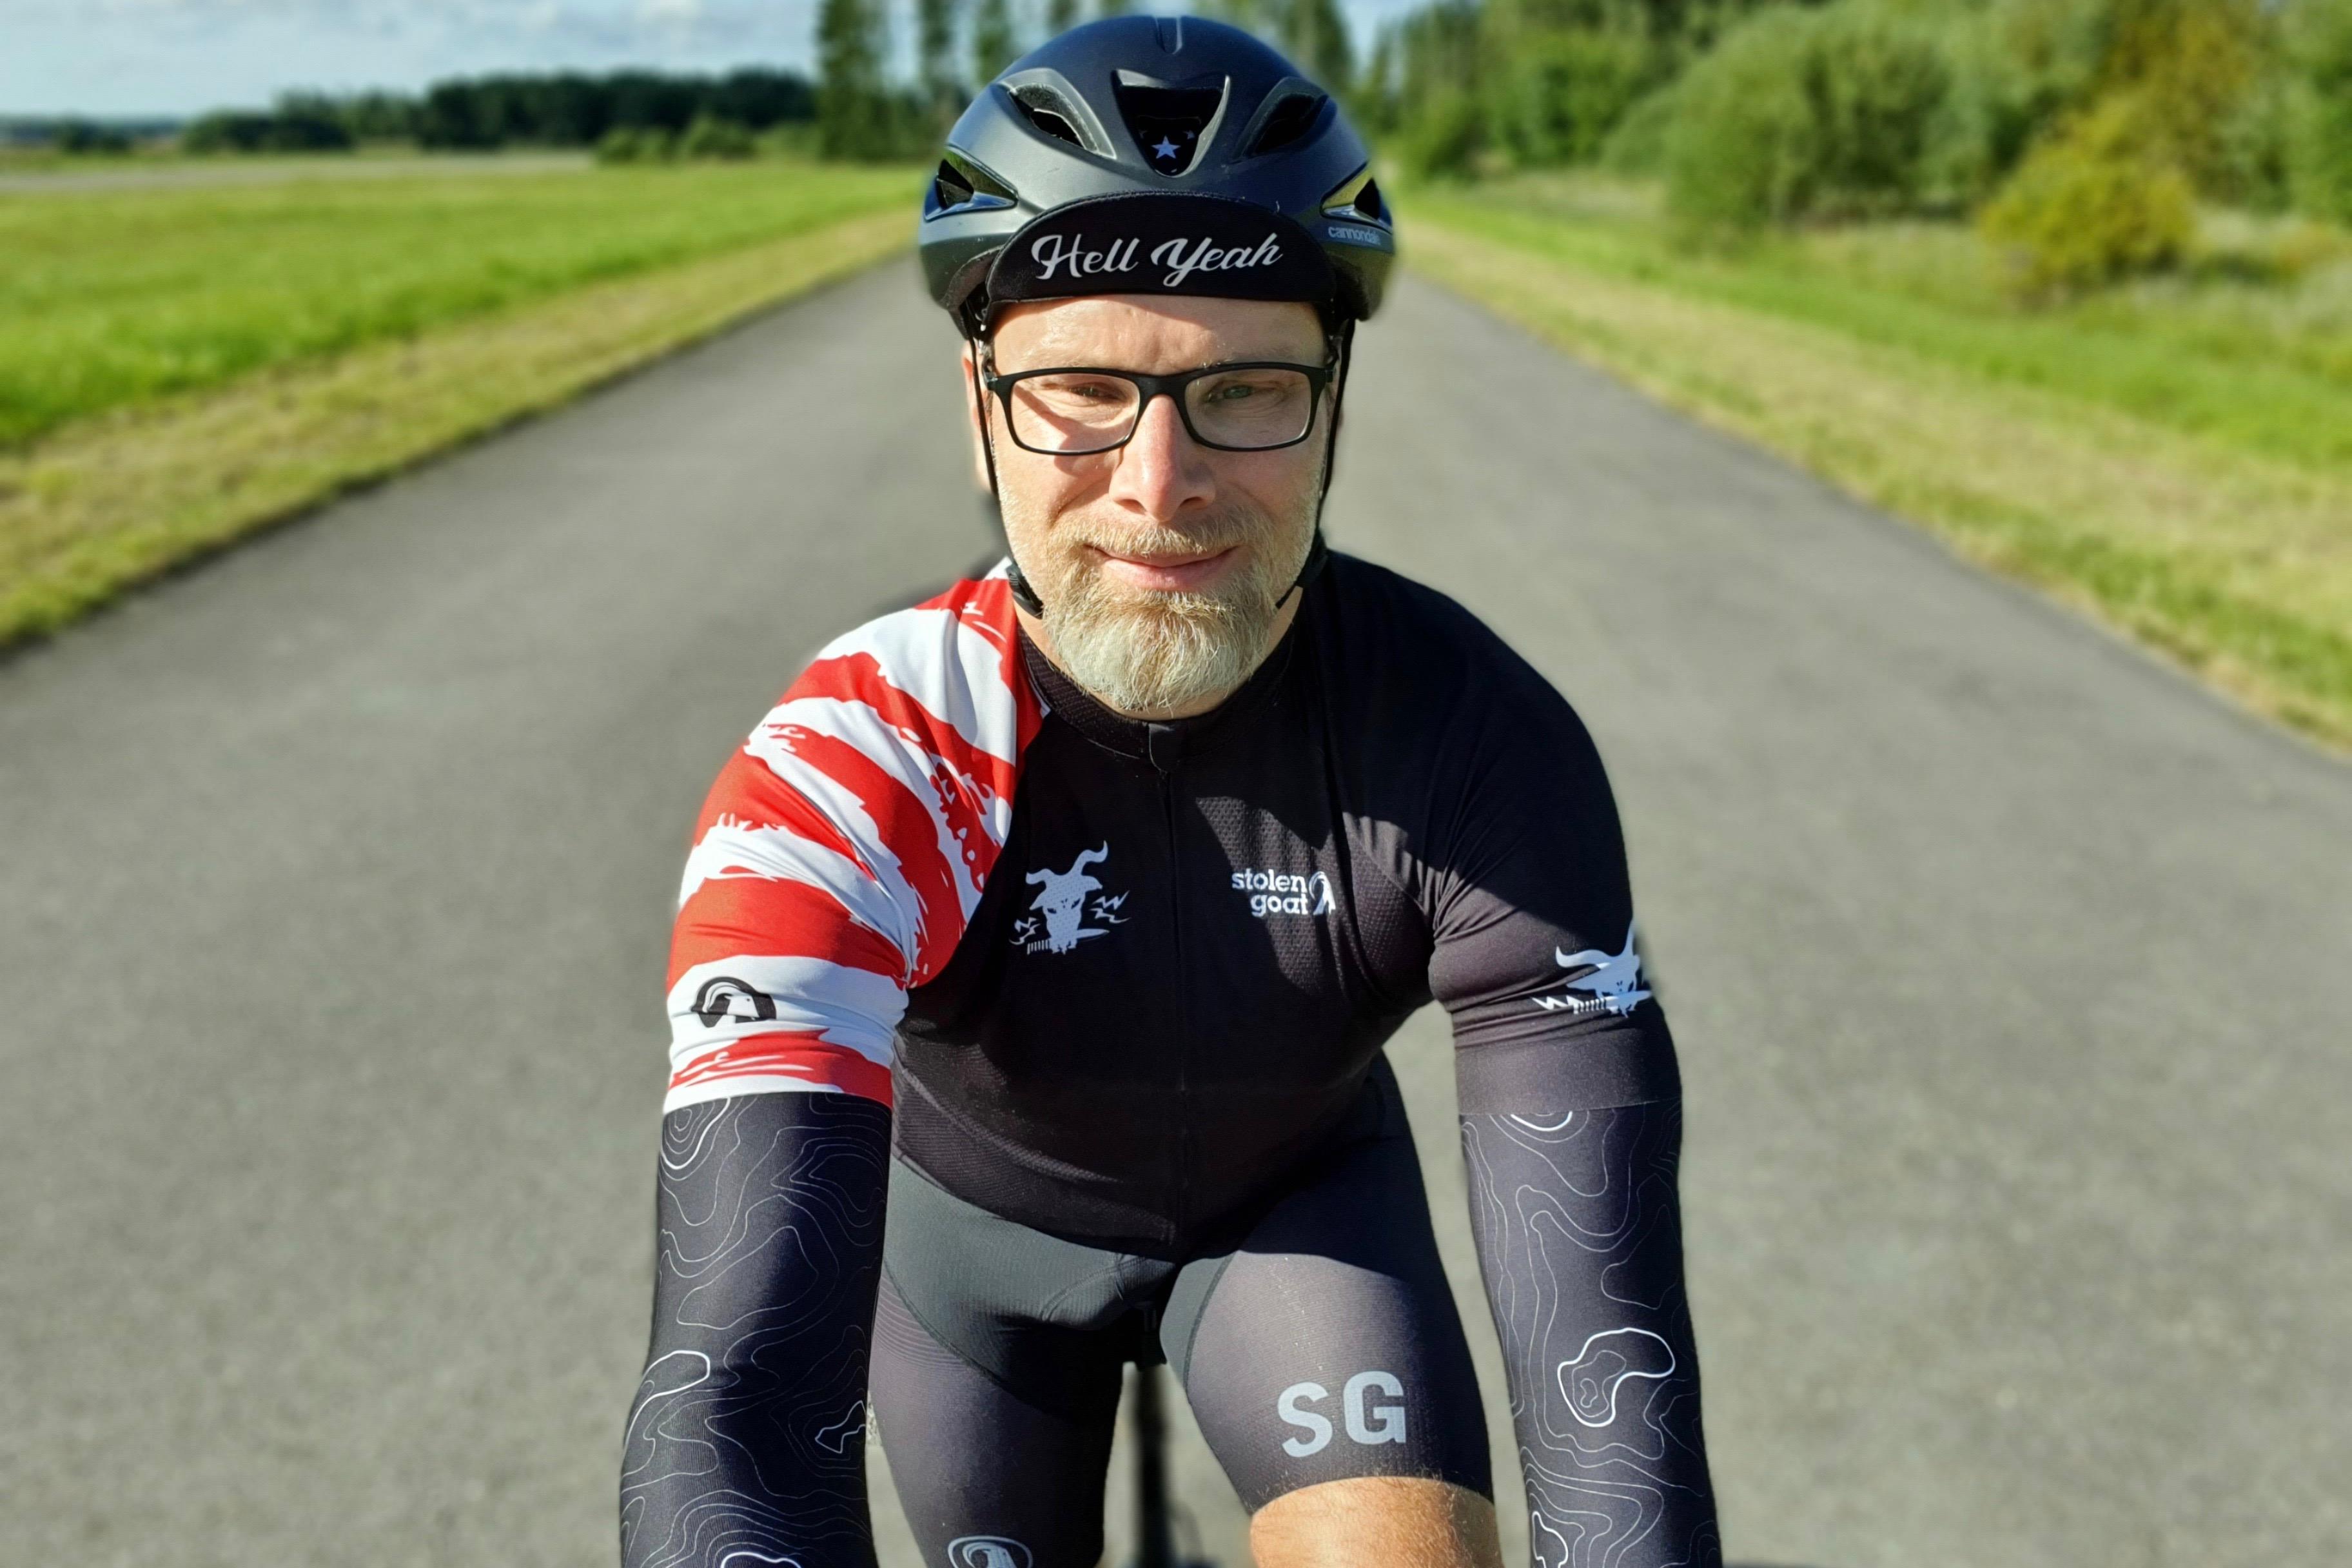 Ronny Jansson på sin cykel på en landsväg.